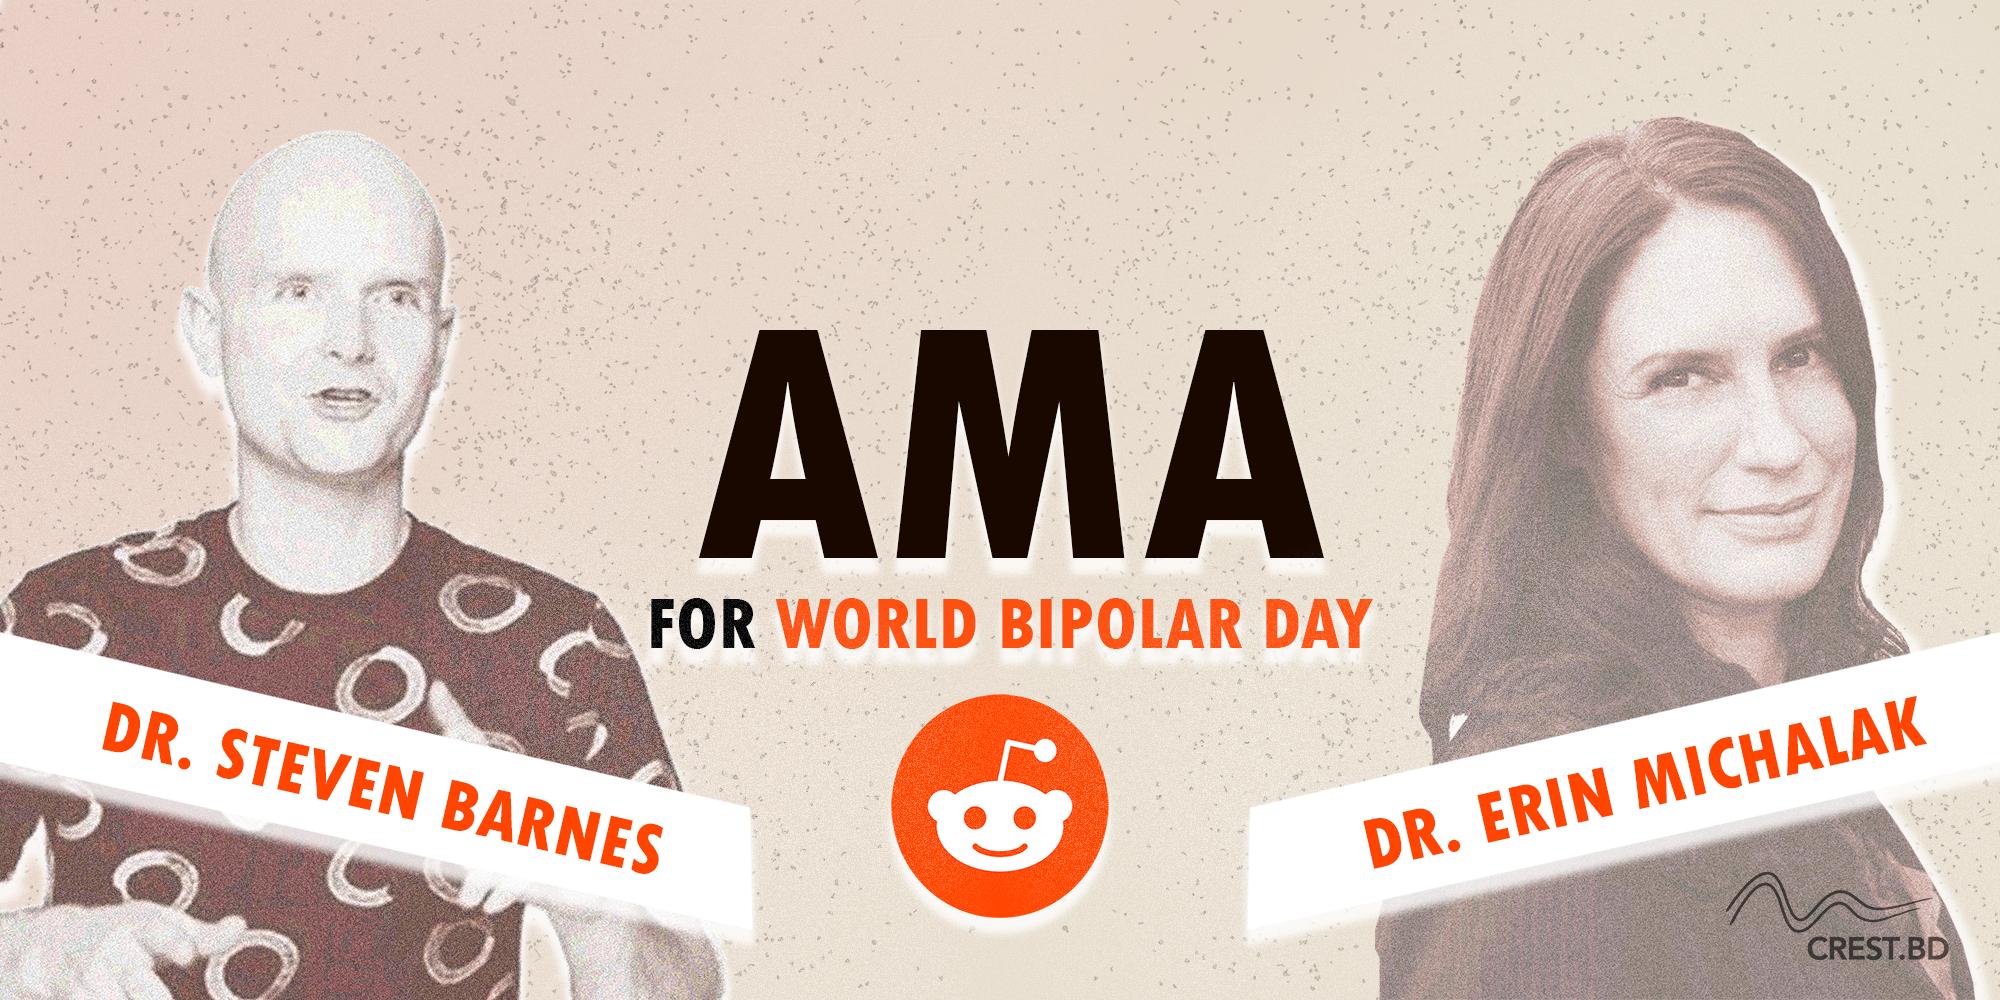 Ask Steven Barnes & Erin Michalak anything on Reddit for World Bipolar Day!